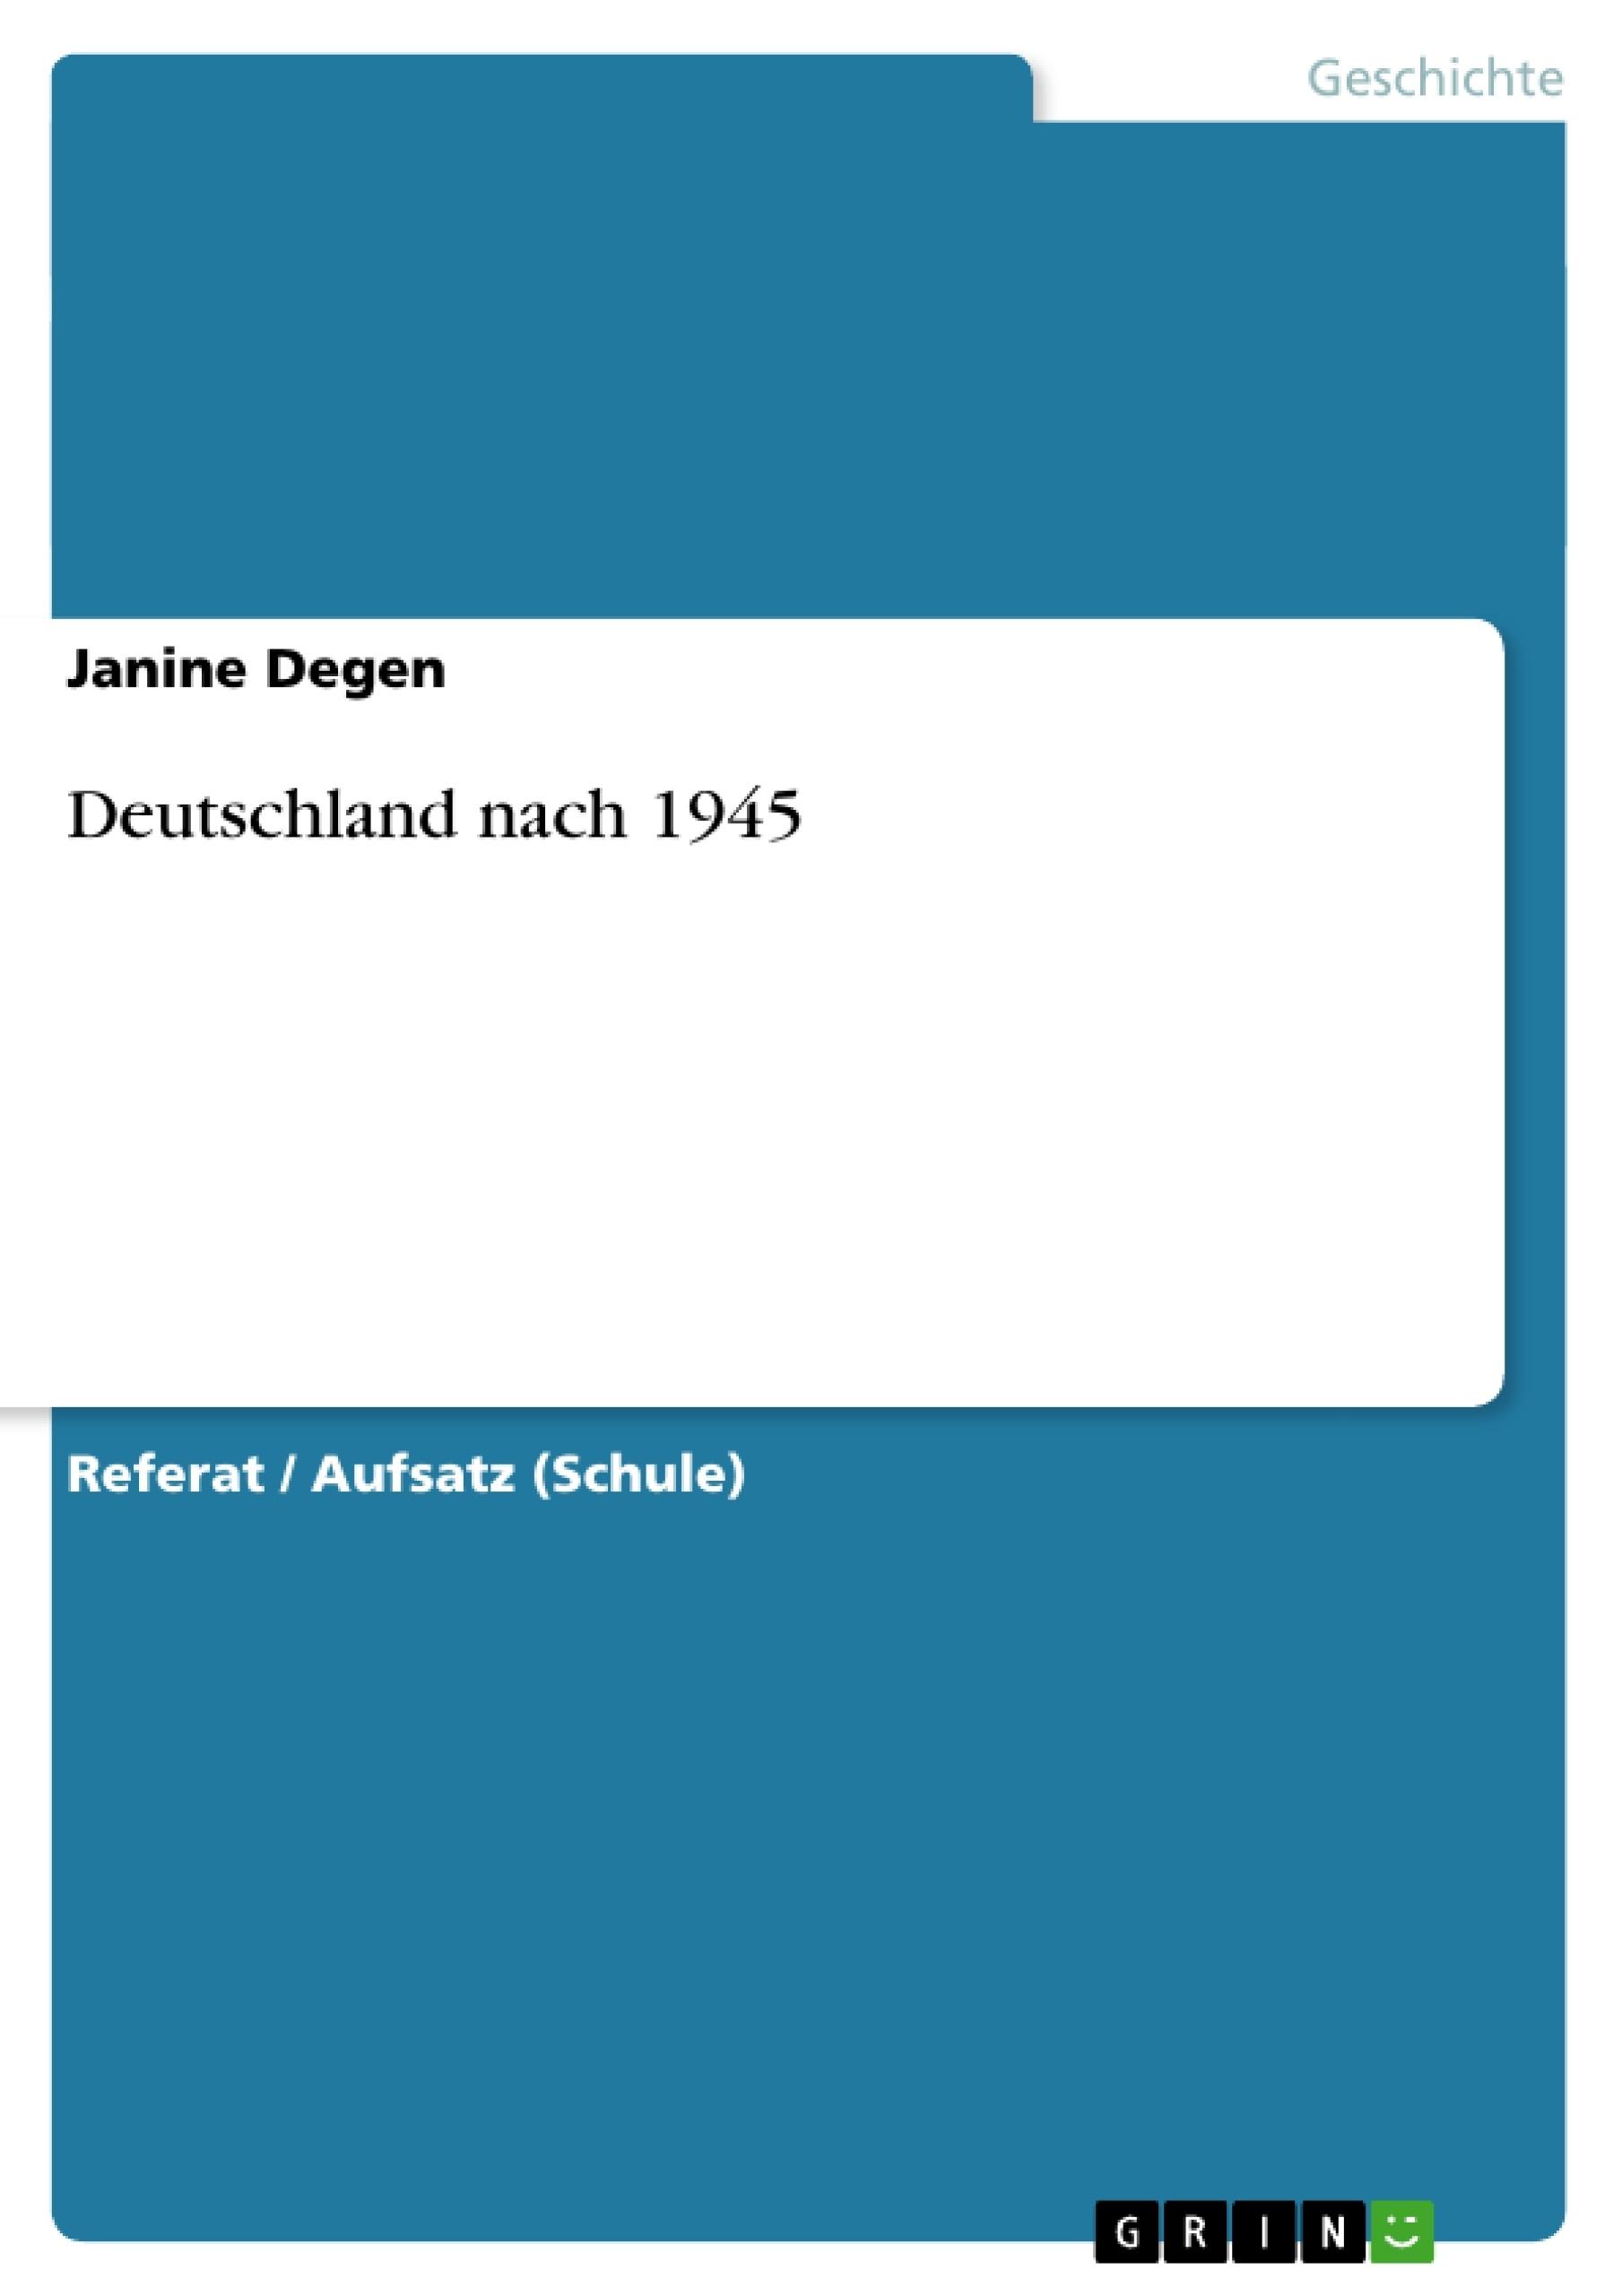 Titel: Deutschland nach 1945